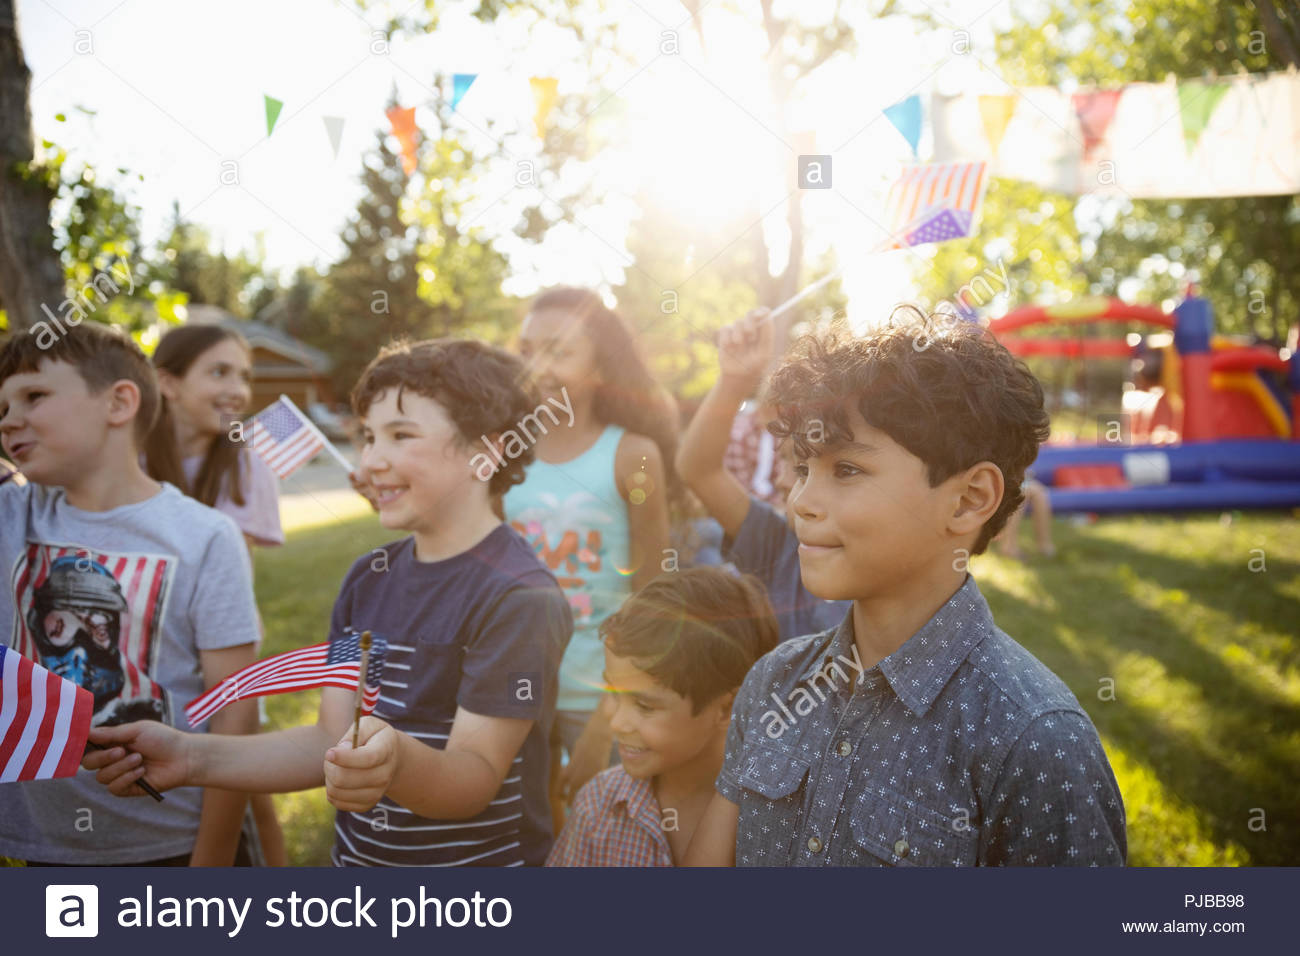 Les enfants agitant des drapeaux américains à l'été du 4 juillet fête de quartier en quartier sunny park Banque D'Images